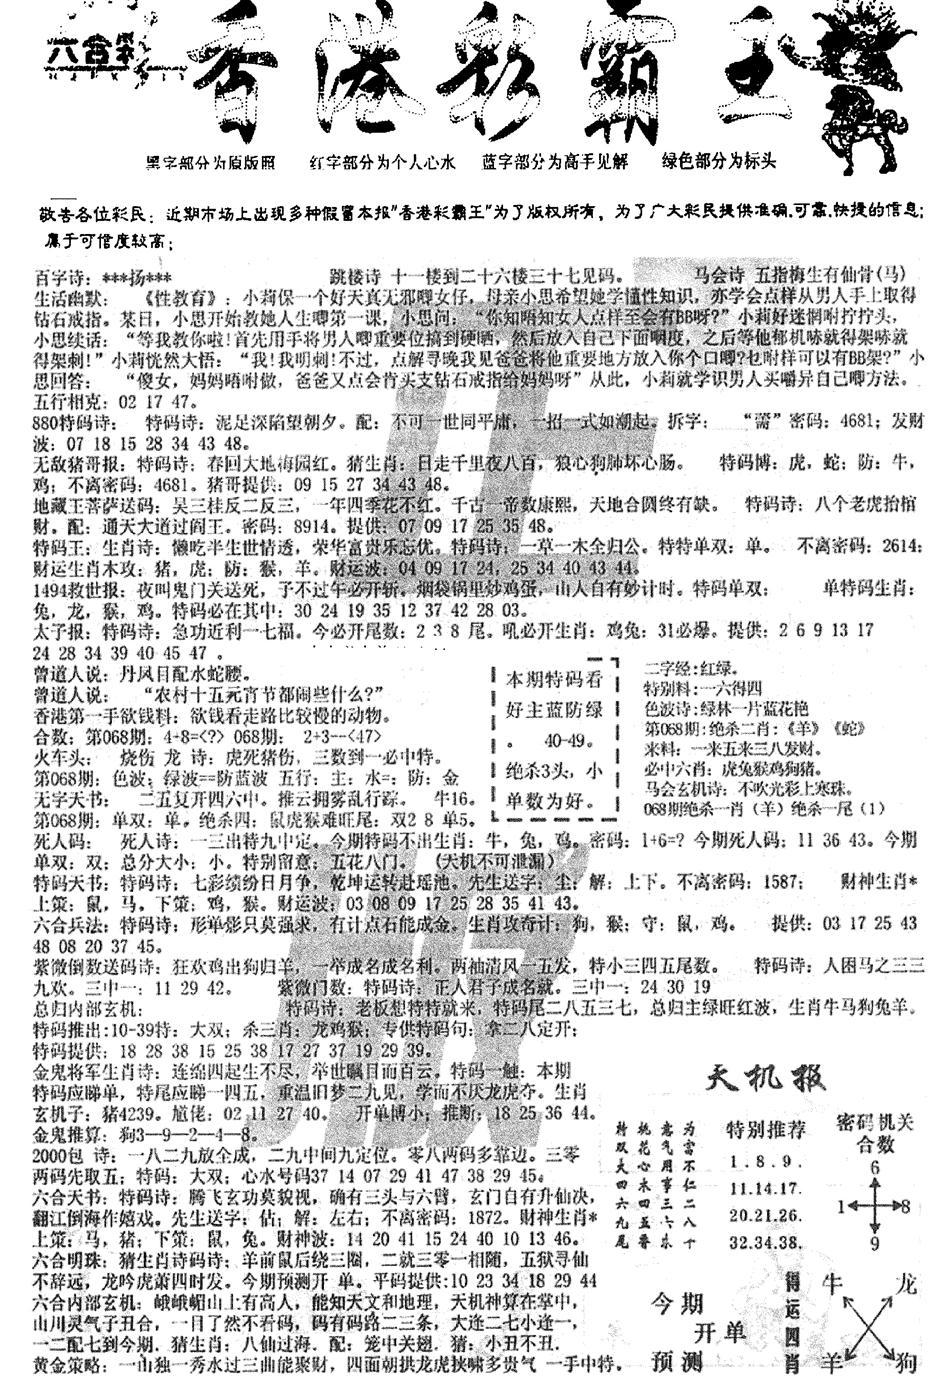 068期平西版彩霸王A(黑白)